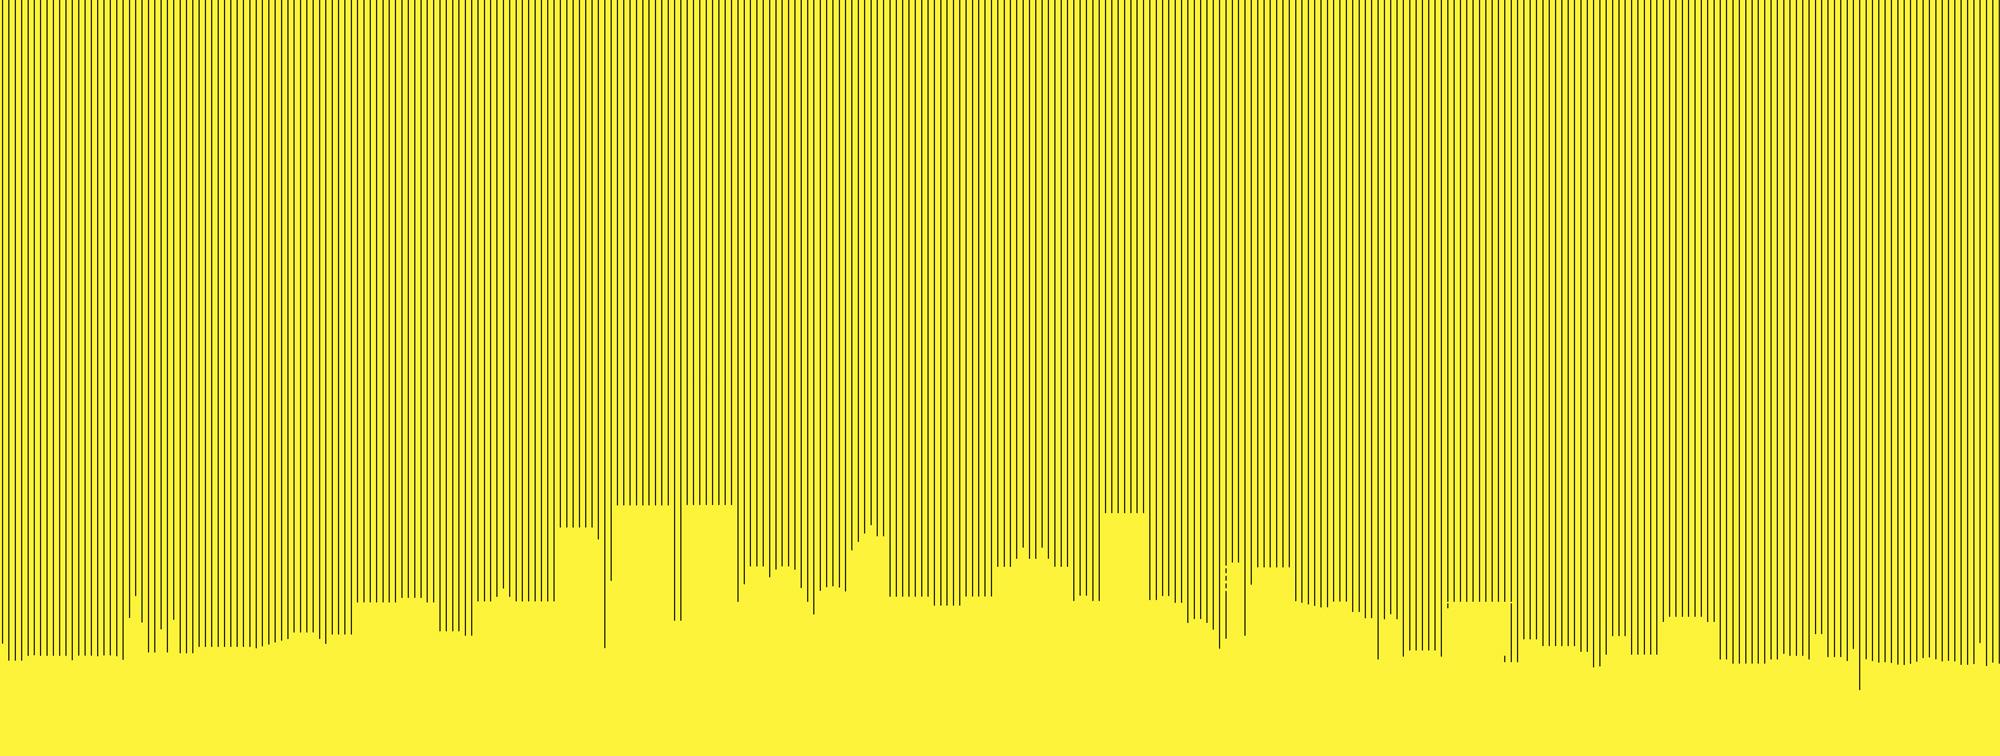 berlagevlag architectuurprijs Den Haag beeldmerk